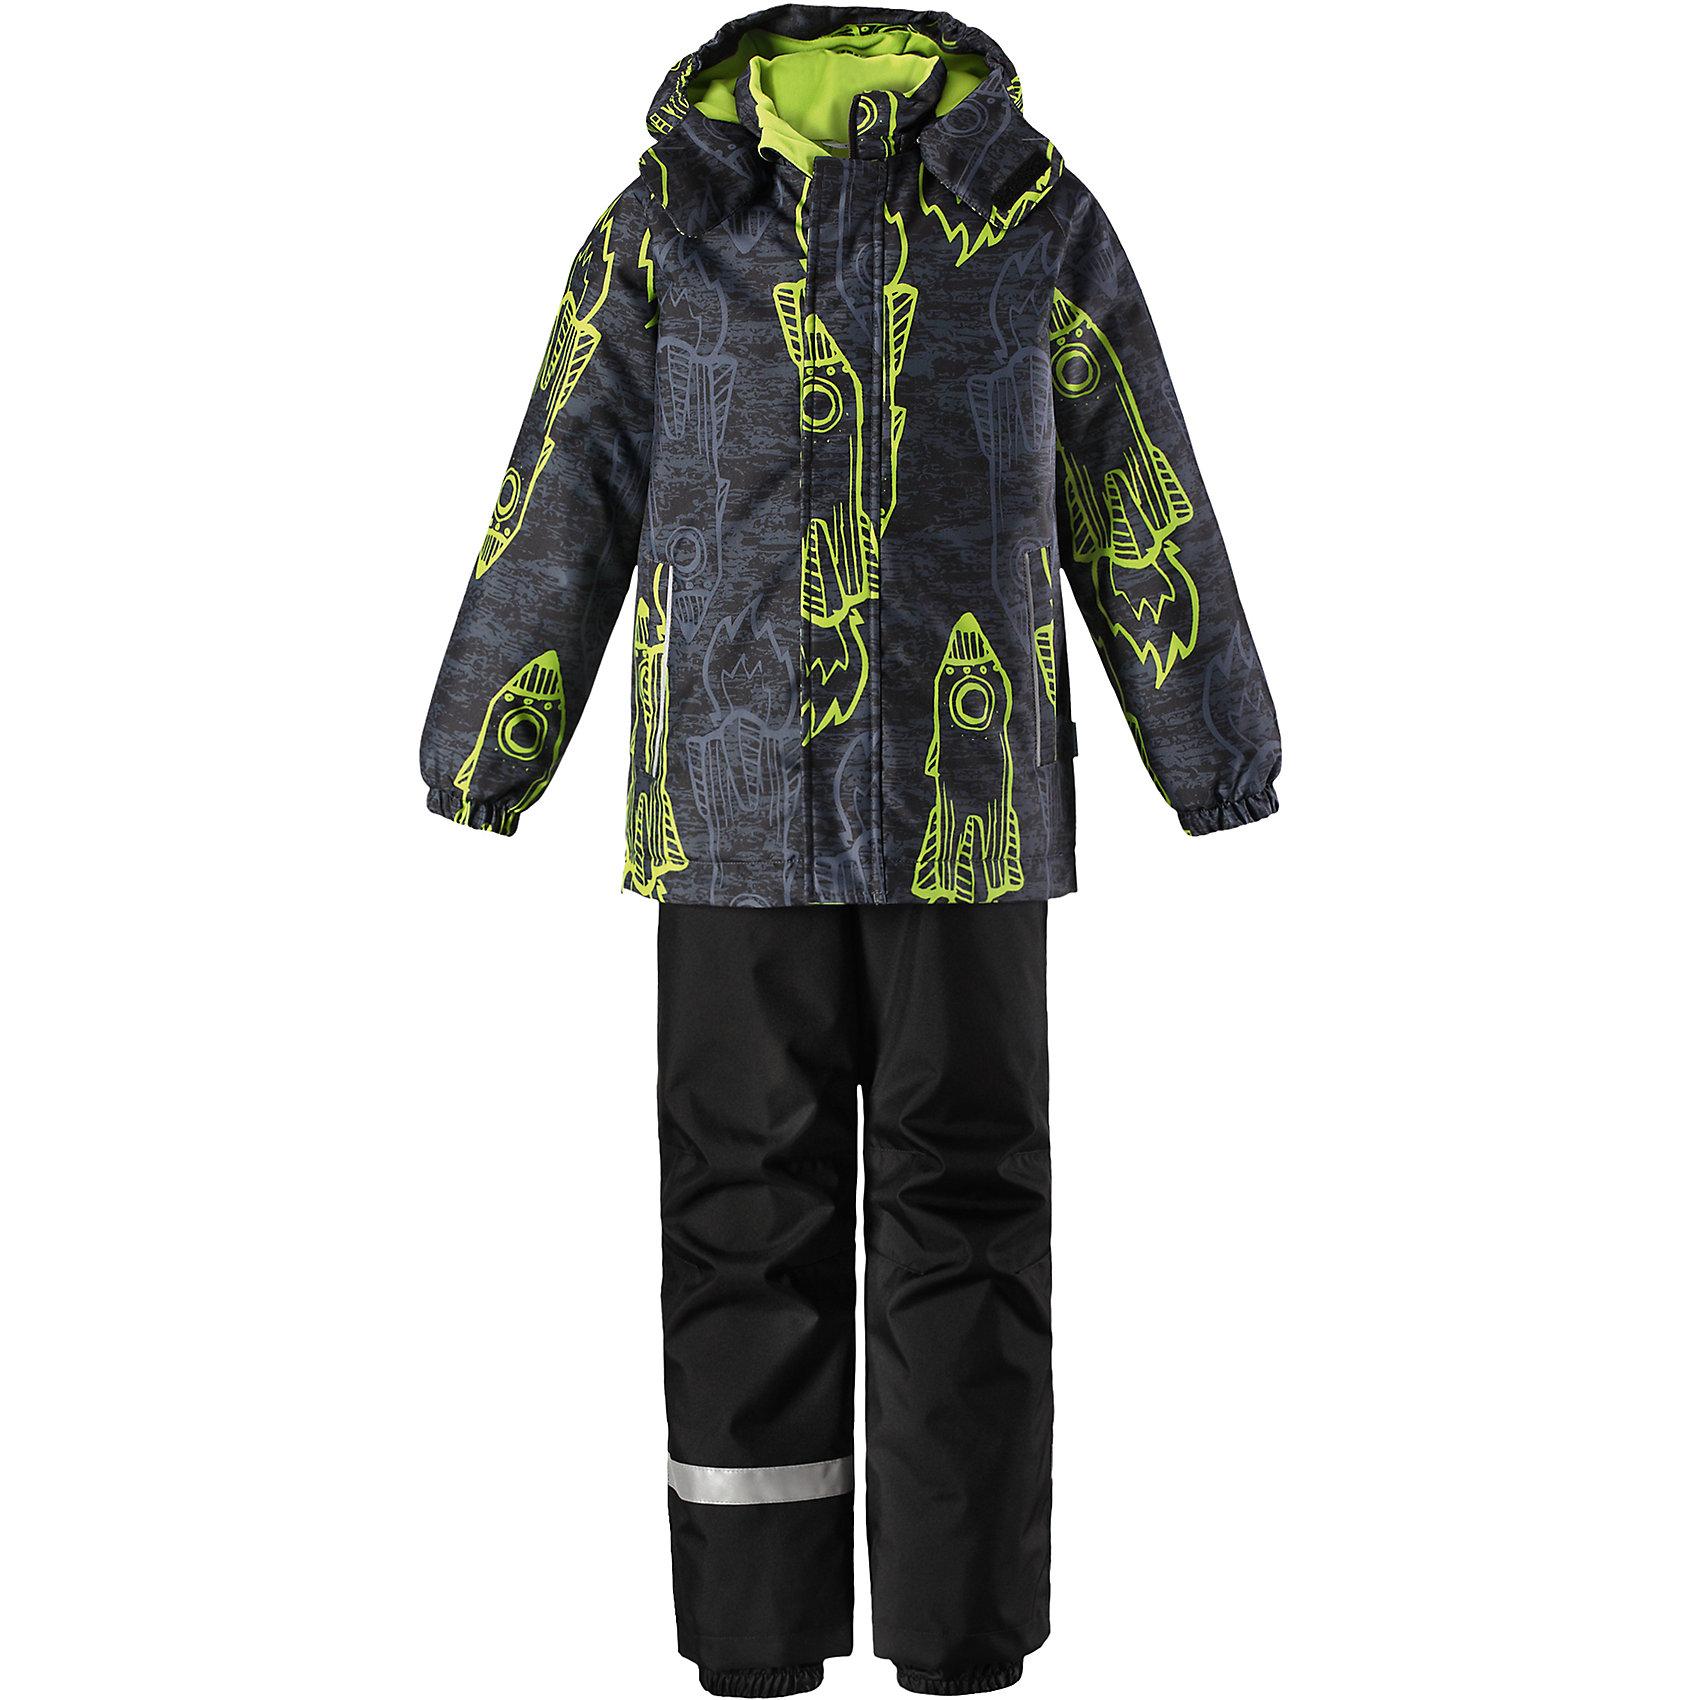 Комплект Lassie для мальчикаОдежда<br>Подготовься к зиме! Этот очень теплый детский зимний комплект имеет множество продуманных  функциональных деталей. Куртка снабжена безопасным съемным капюшоном, который защищает щечки от морозного ветра. Регулируемый подол позволяет откорректировать куртку по фигуре и обеспечивает дополнительную защиту. Защита от снега на концах брючин помогает ножкам оставаться сухими и теплыми. Брюки изготовлены из сверхпрочного материала и идеально подходят для активных зимних игр на свежем воздухе или катания на лыжах. Удобная молния спереди облегчает надевание, а съемные регулируемые подтяжки позволяют откорректировать брюки идеально по размеру. Безопасный съемный капюшон и яркая расцветка завершают образ.<br>Состав:<br>100% Полиэстер<br><br>Ширина мм: 356<br>Глубина мм: 10<br>Высота мм: 245<br>Вес г: 519<br>Цвет: зеленый<br>Возраст от месяцев: 18<br>Возраст до месяцев: 24<br>Пол: Мужской<br>Возраст: Детский<br>Размер: 92,140,134,128,122,116,110,104,98<br>SKU: 6927901